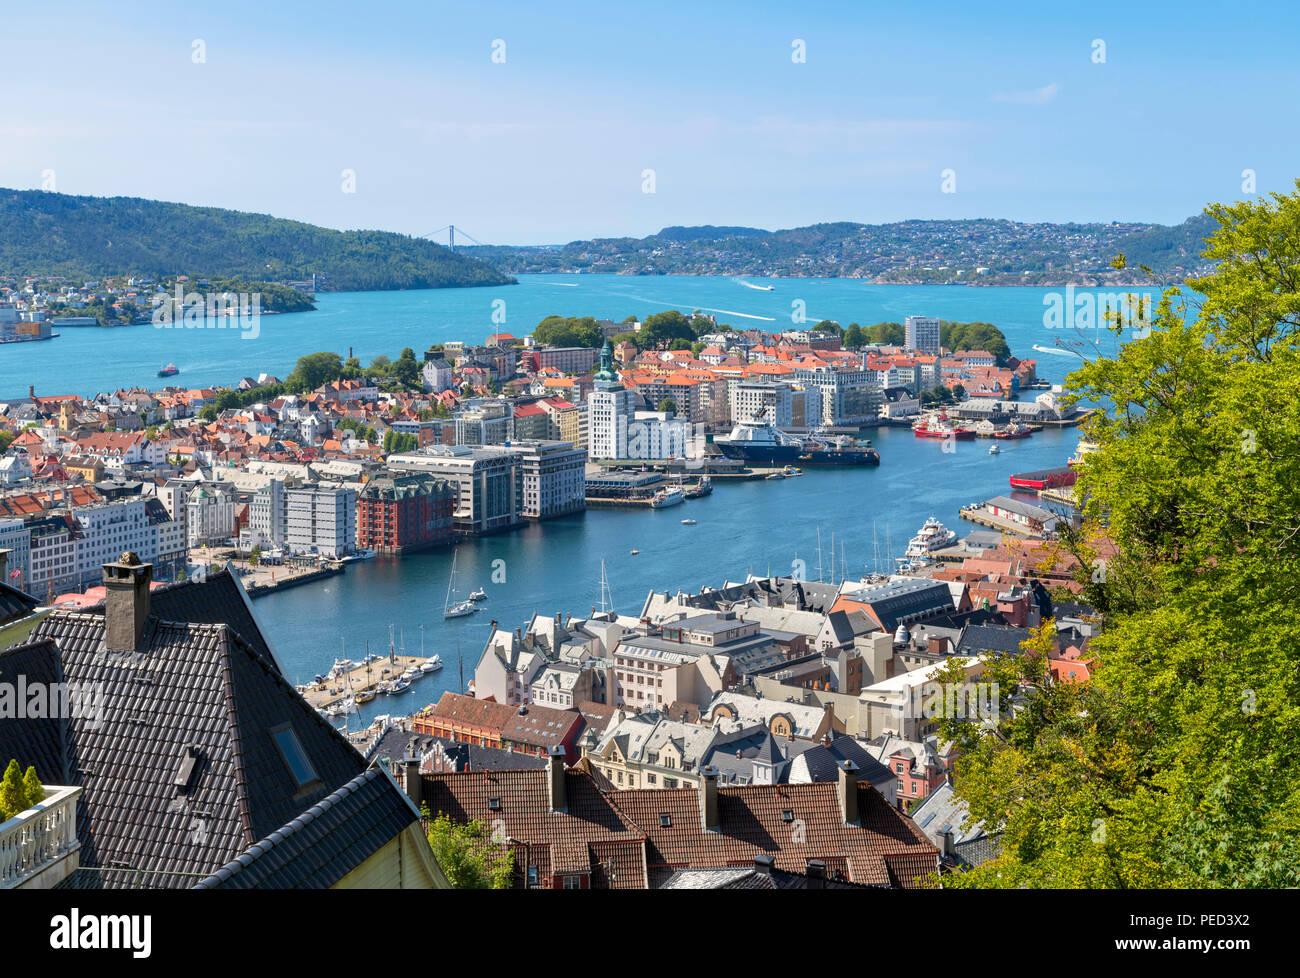 Bergen, Norwegen. Blick über die Stadt vom Berg Fløyen, Bergen, Hordaland, Norwegen Stockbild